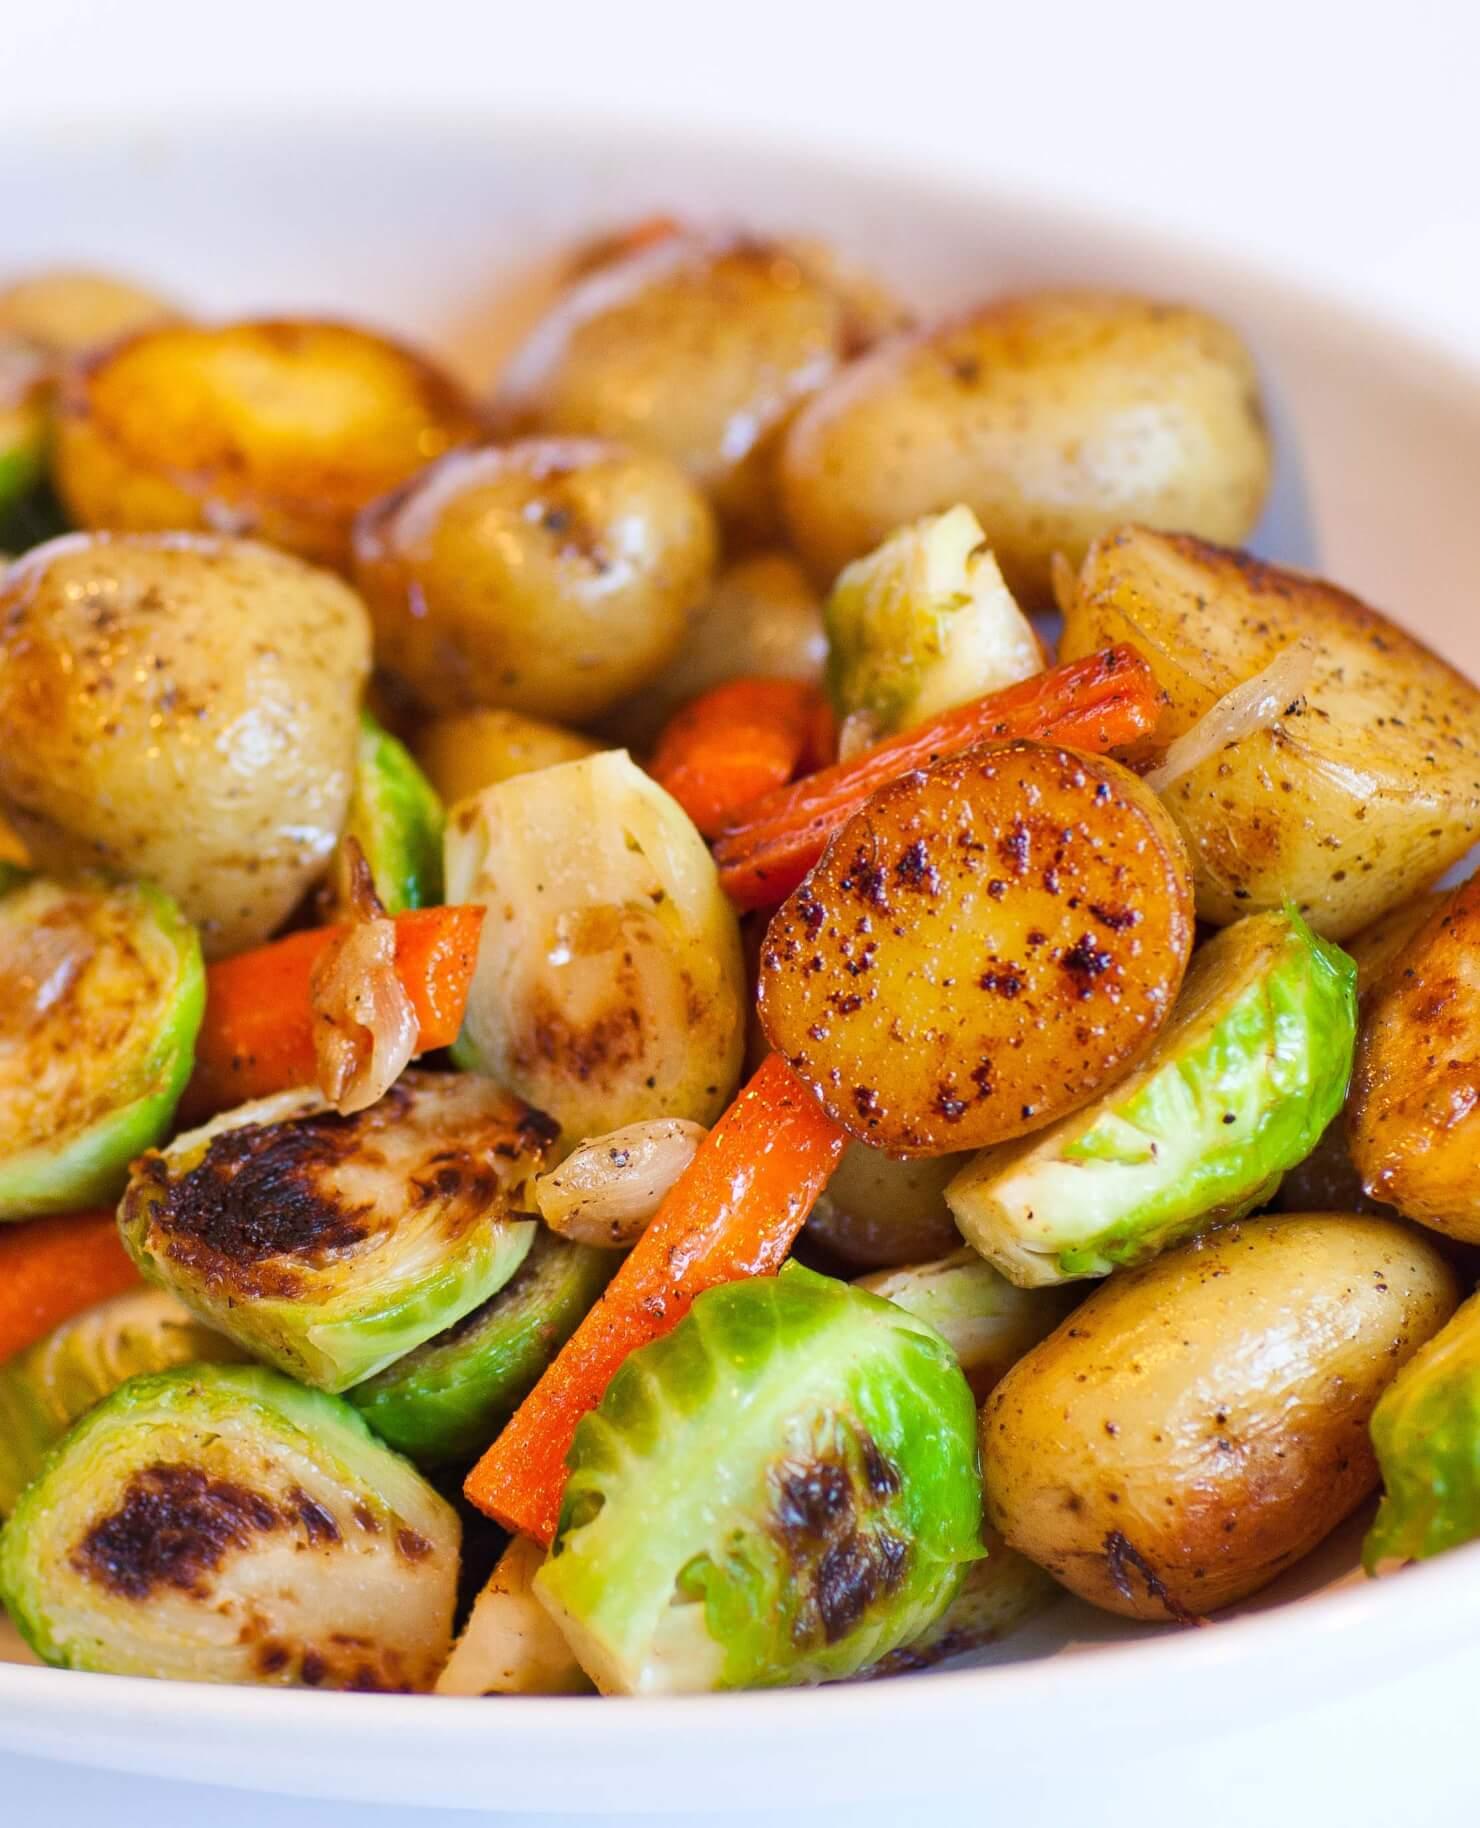 Pan-Seared Vegetables